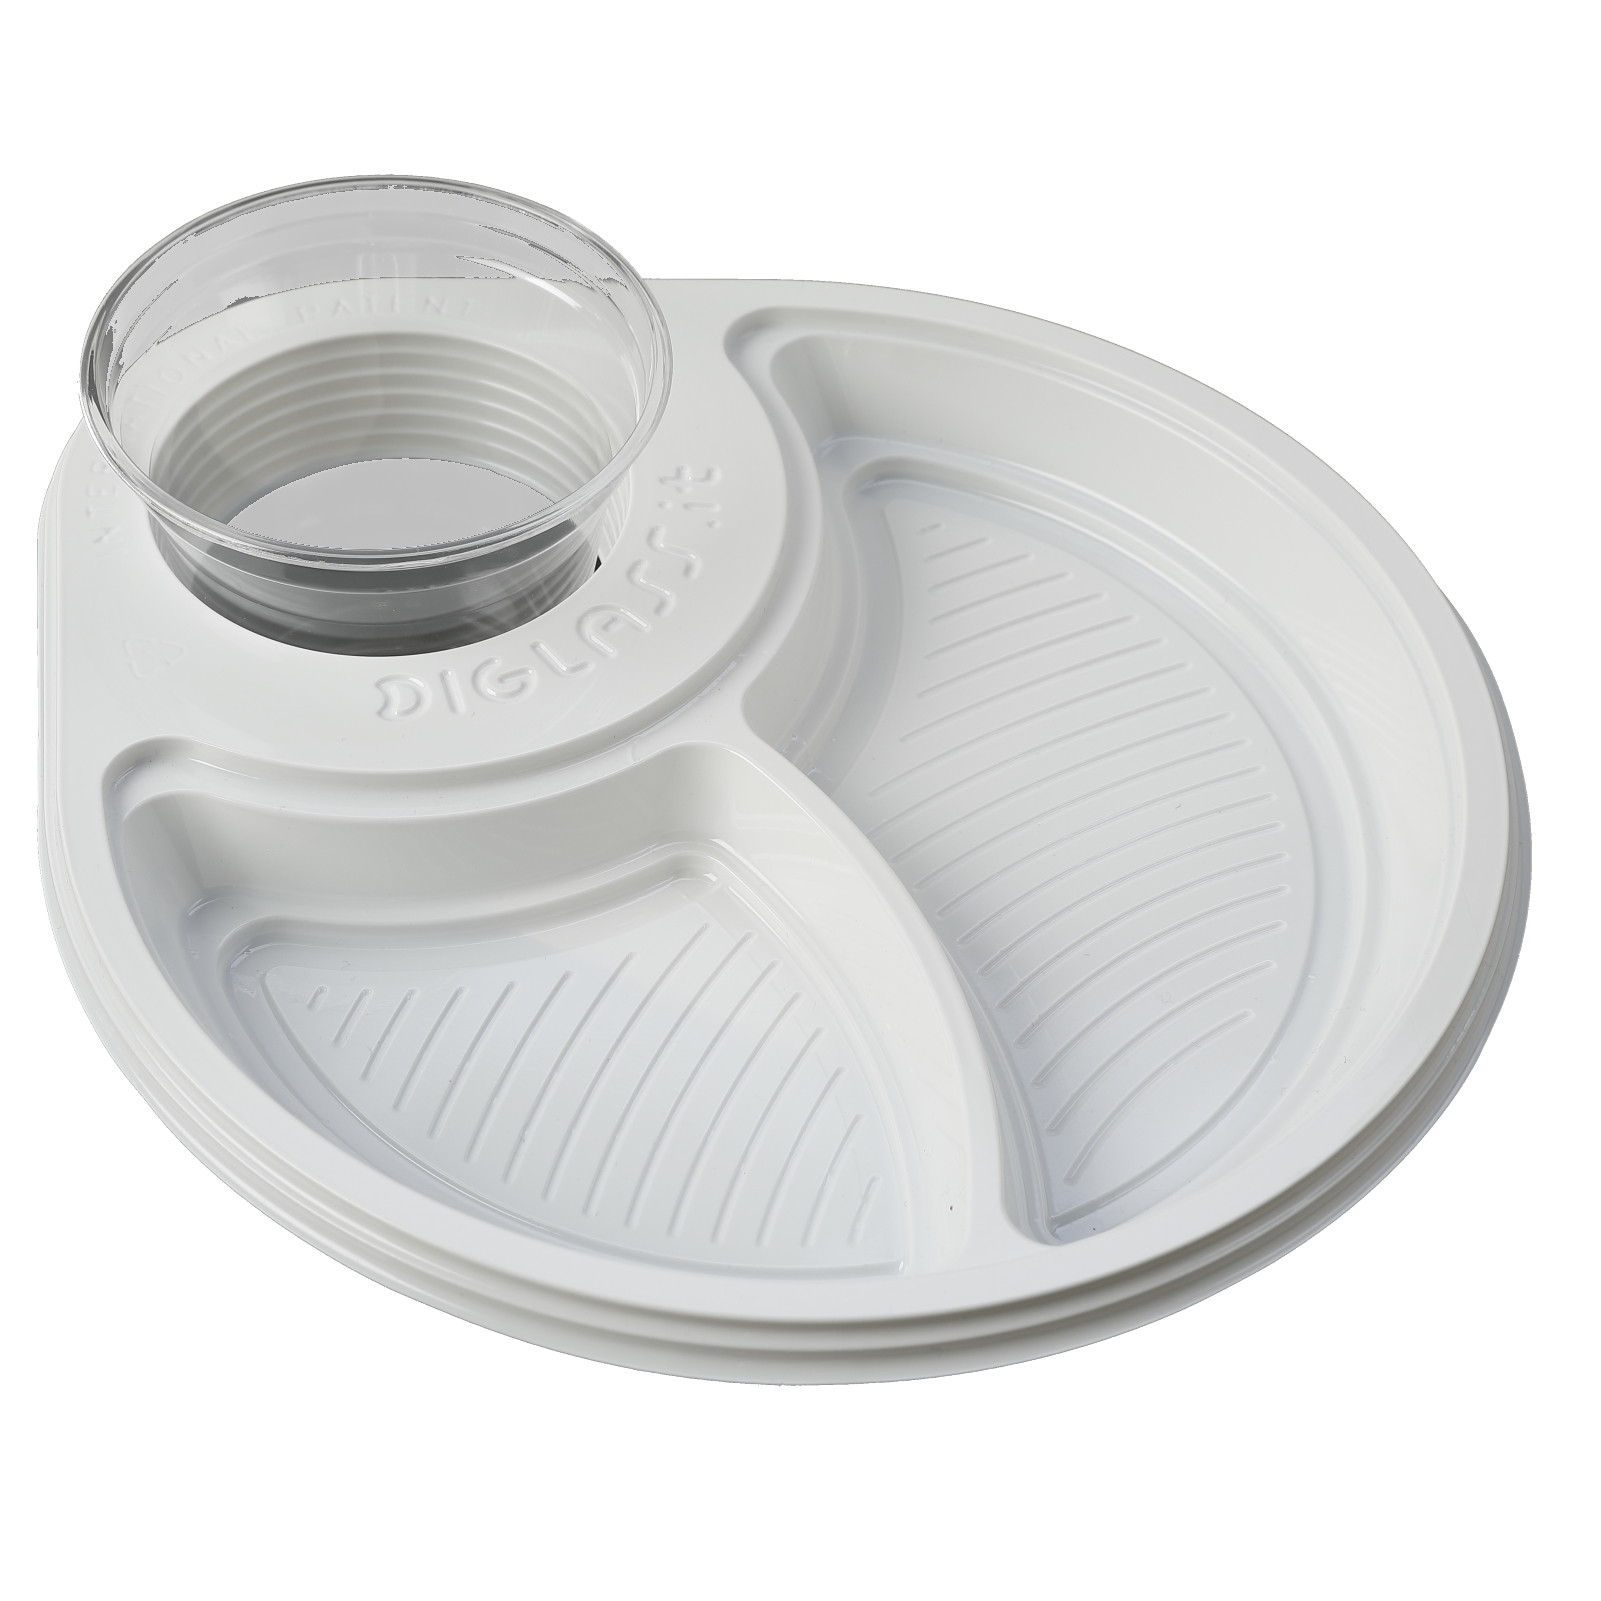 30 piatti deluxe biscomparto bianchi diglass il piatto for Piatti e bicchieri per feste bambini